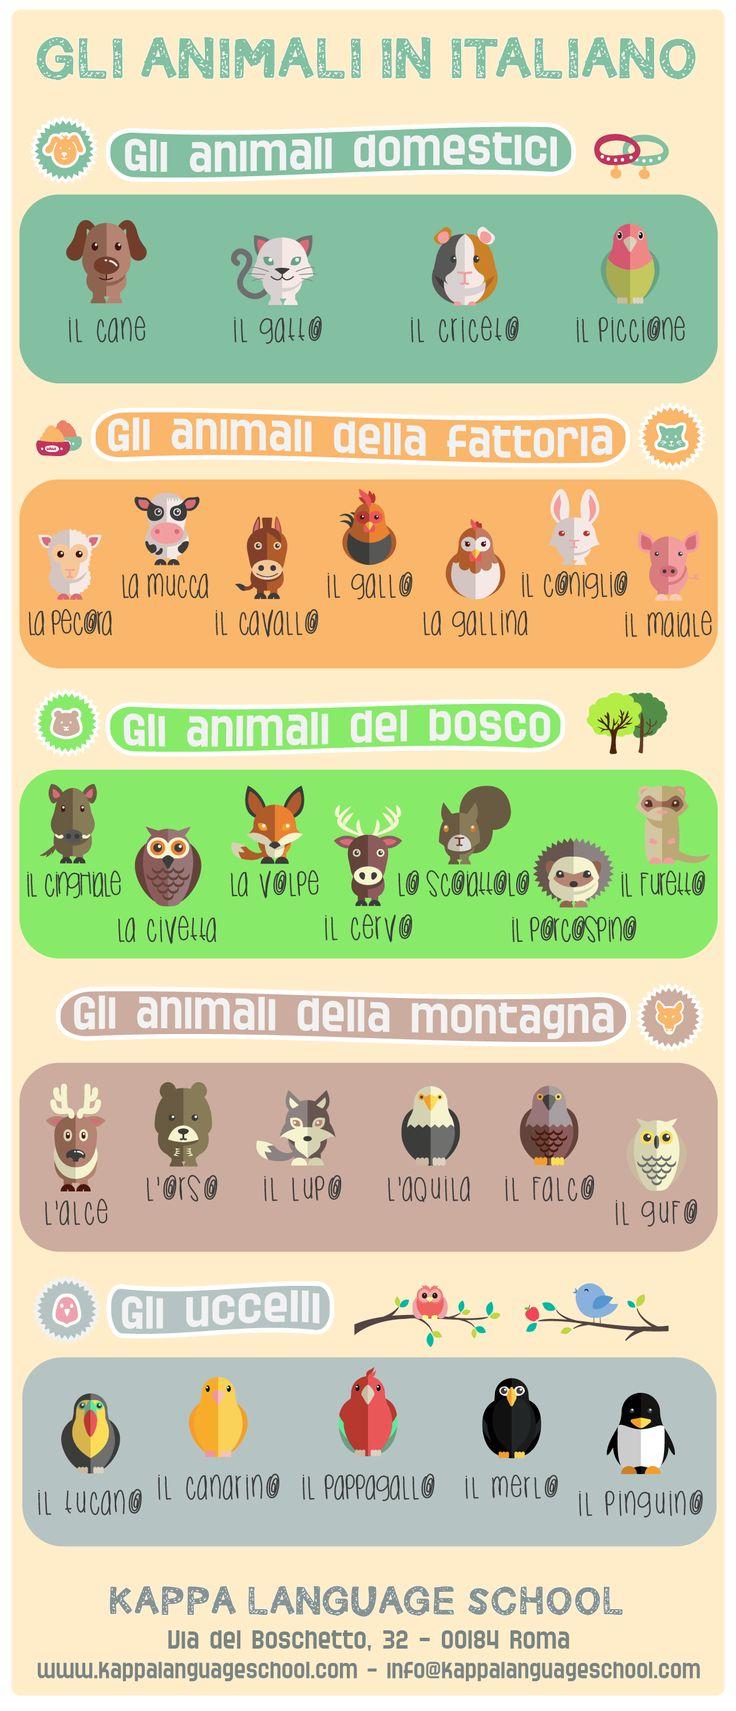 Learn Italian words: animal names, an infographic! #italianinfographic #learnitalian